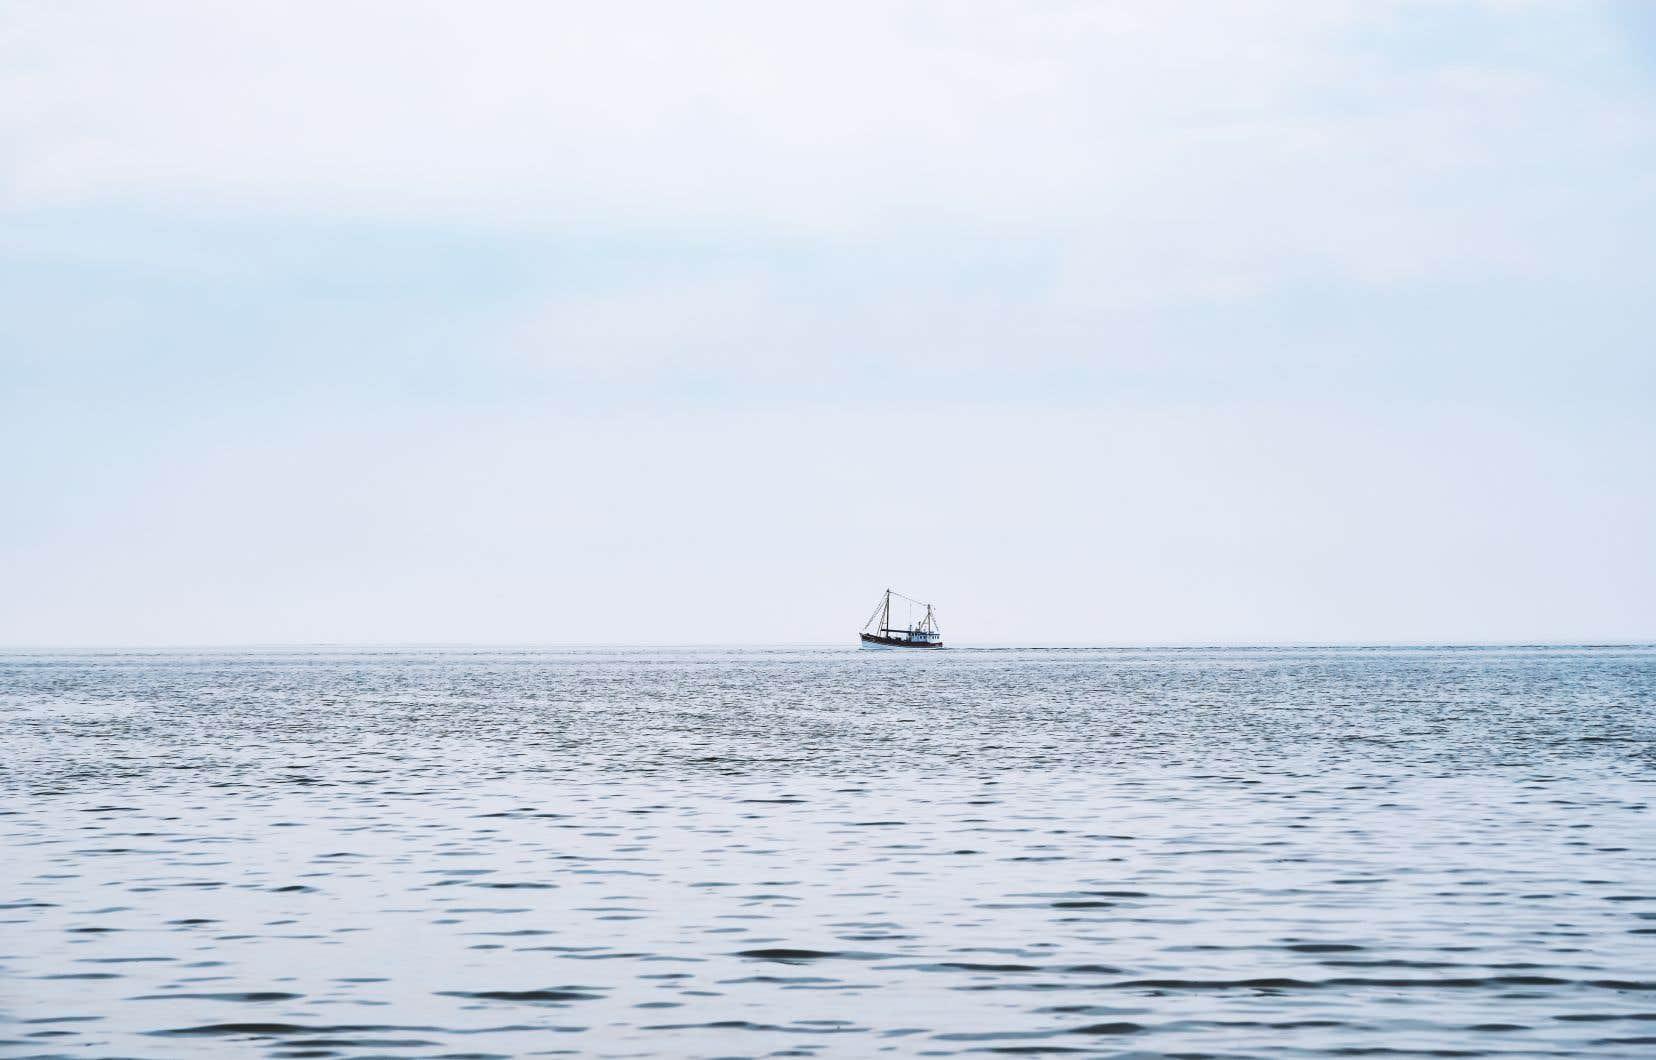 Un accord mondial pourrait sceller le sort de plusieurs espèces et fonds marins en danger et l'avenir de la biodiversité dans les eaux situées en haute mer.